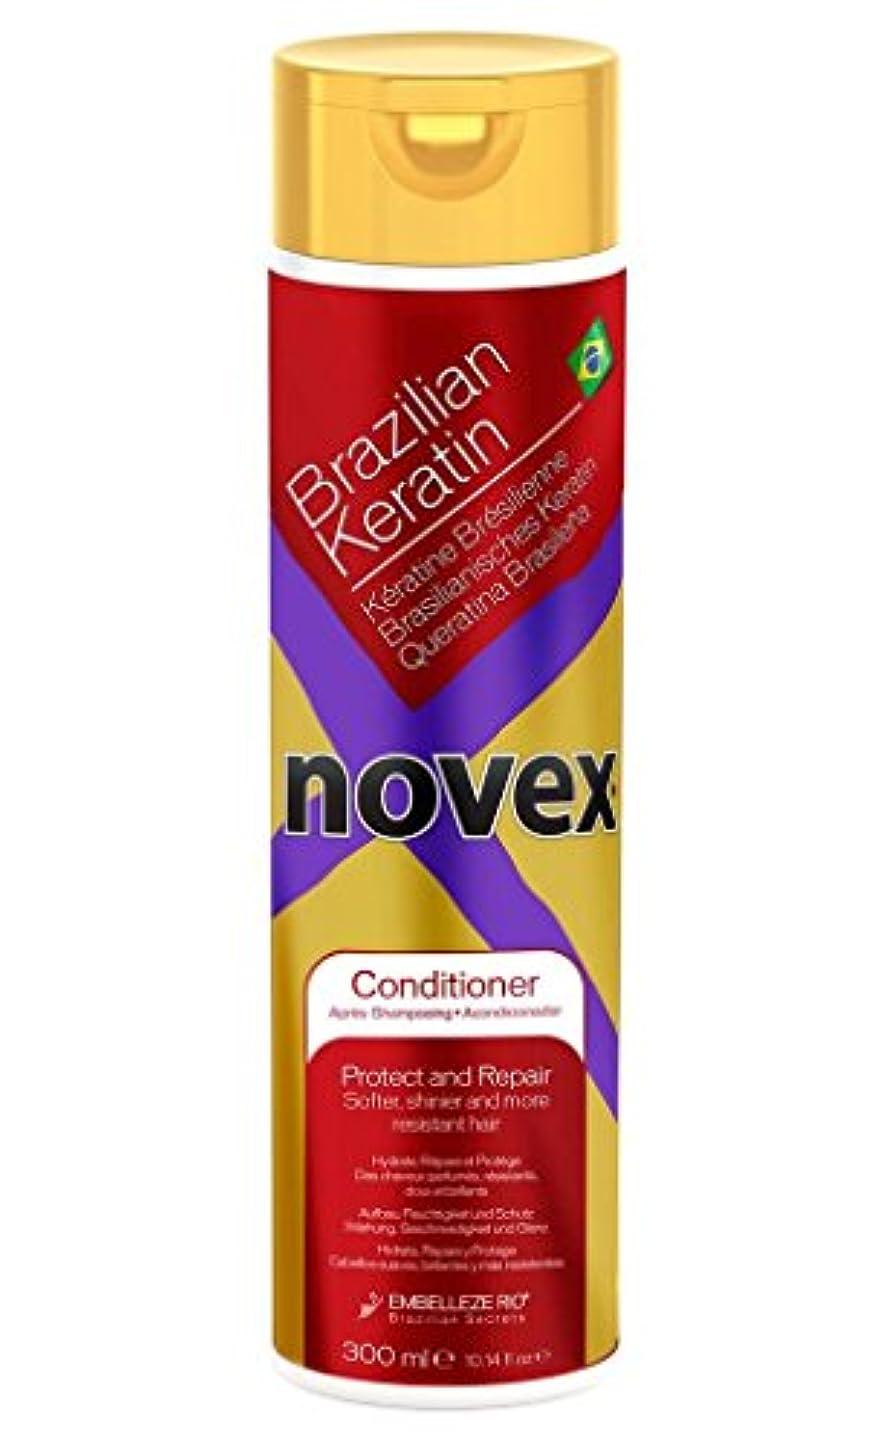 責スキッパー運命Novex Hair Care ブラジルのケラチンコンディショナー、10.14オズ。